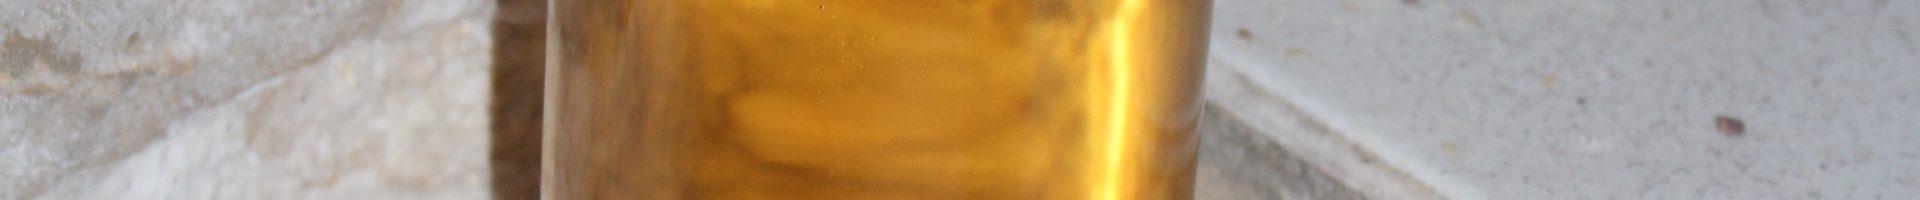 Liqueur Abricot Cognac